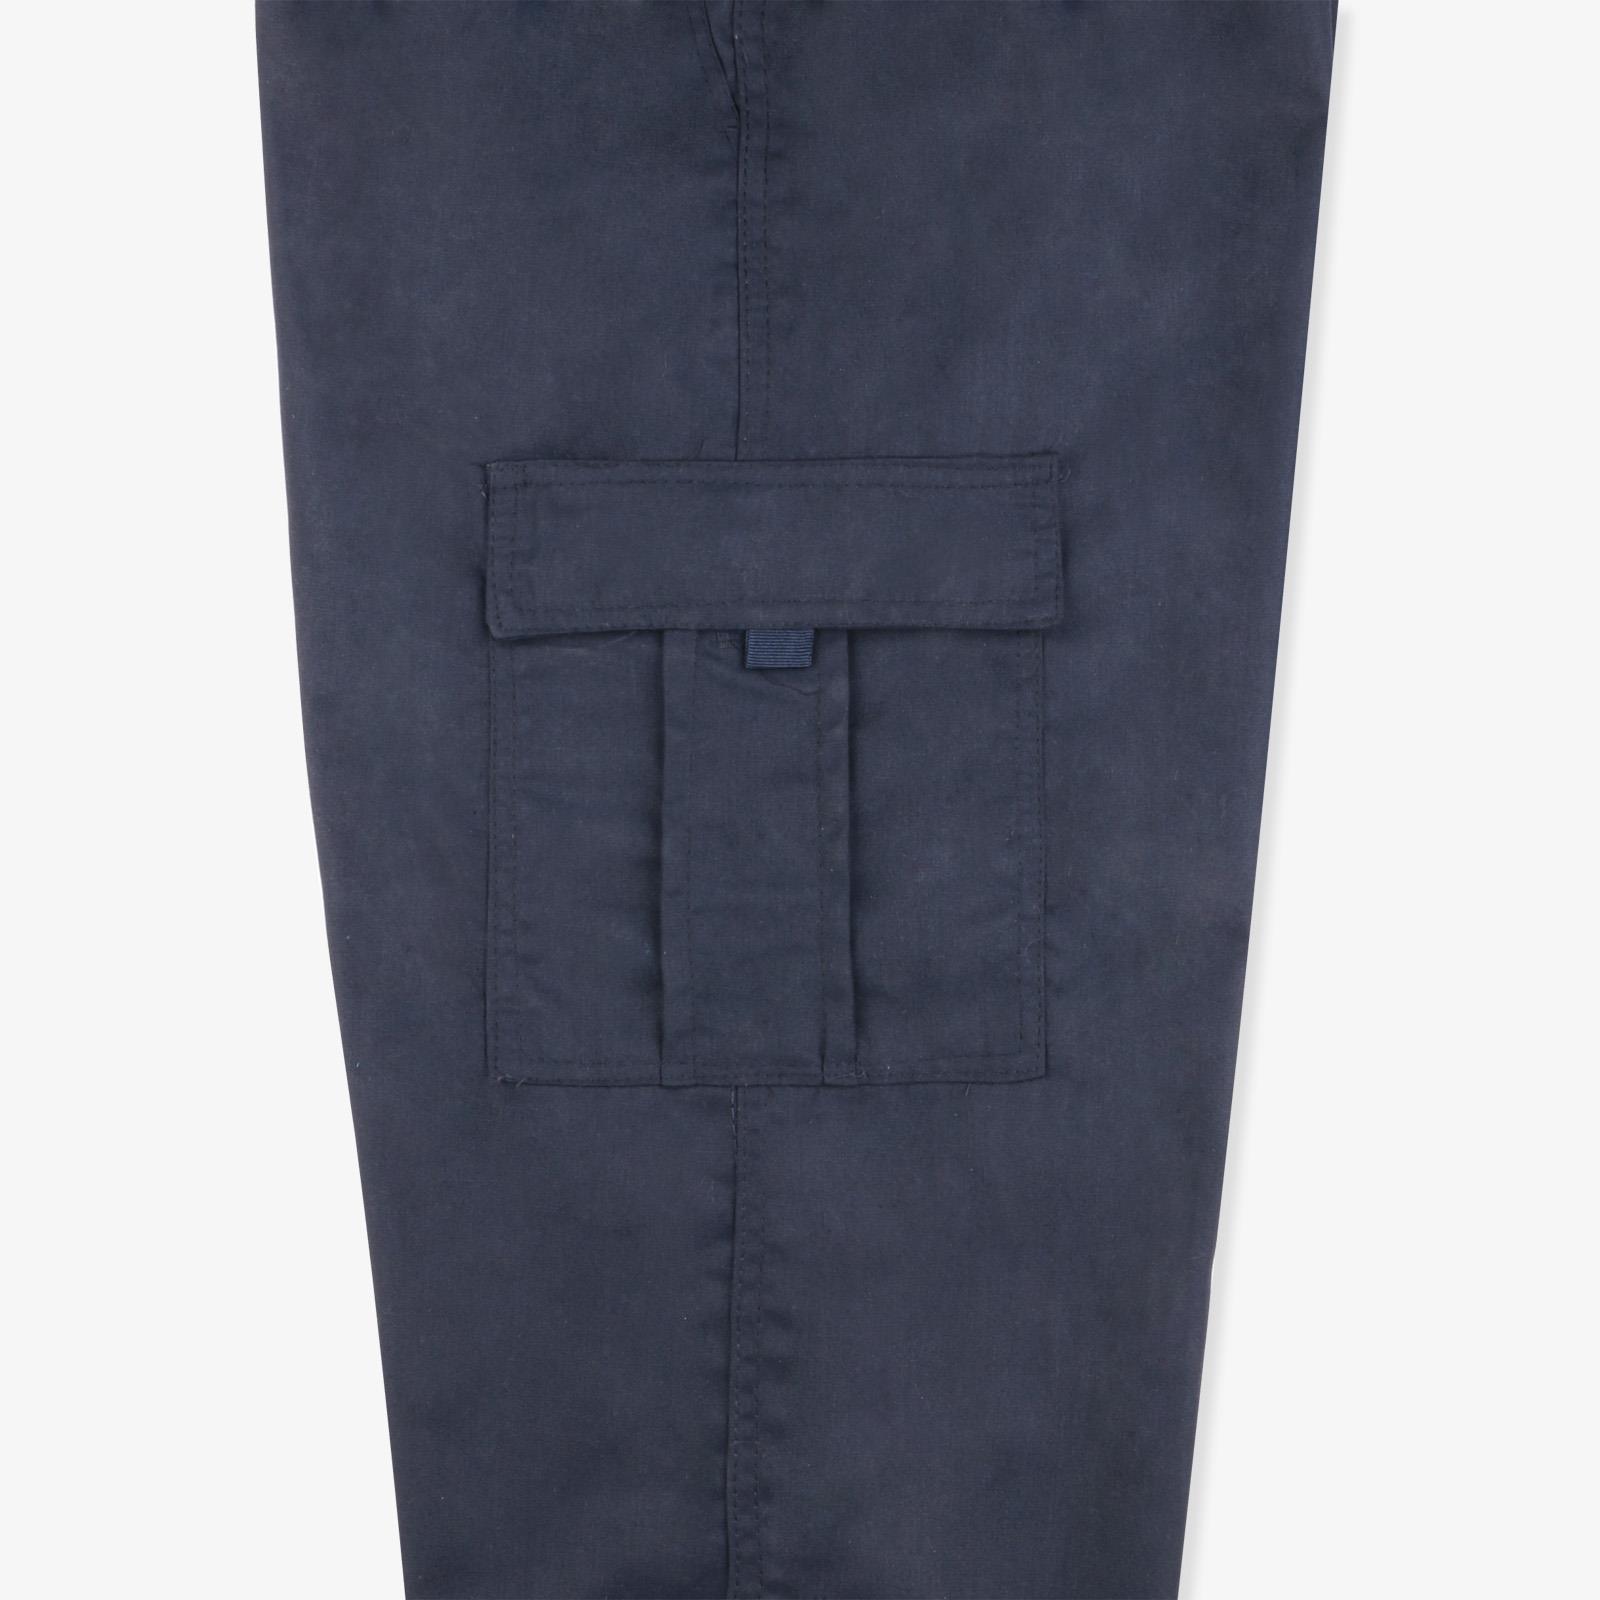 Pantalon-Homme-Cargo-Militaire-Ample-Poche-Grande-Taille-Elastique-Travail miniature 4